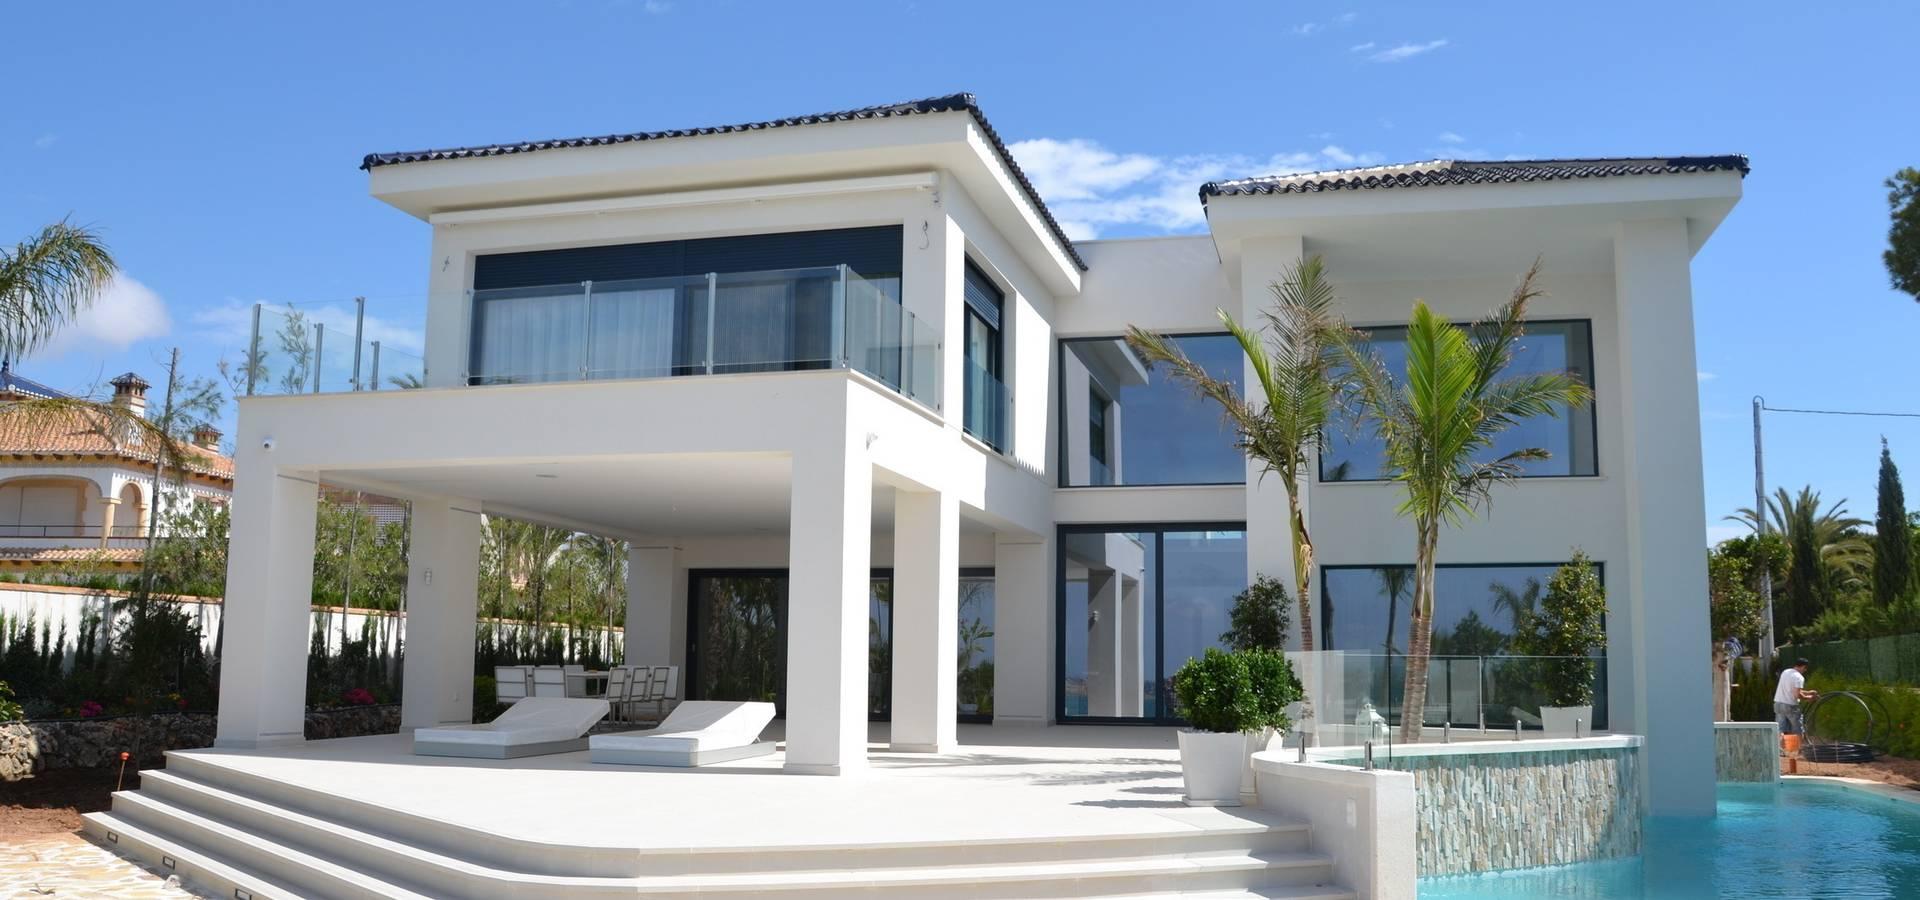 Alicante arquitectura y urbanismo slp arquitectos en - Arquitectos en alicante ...